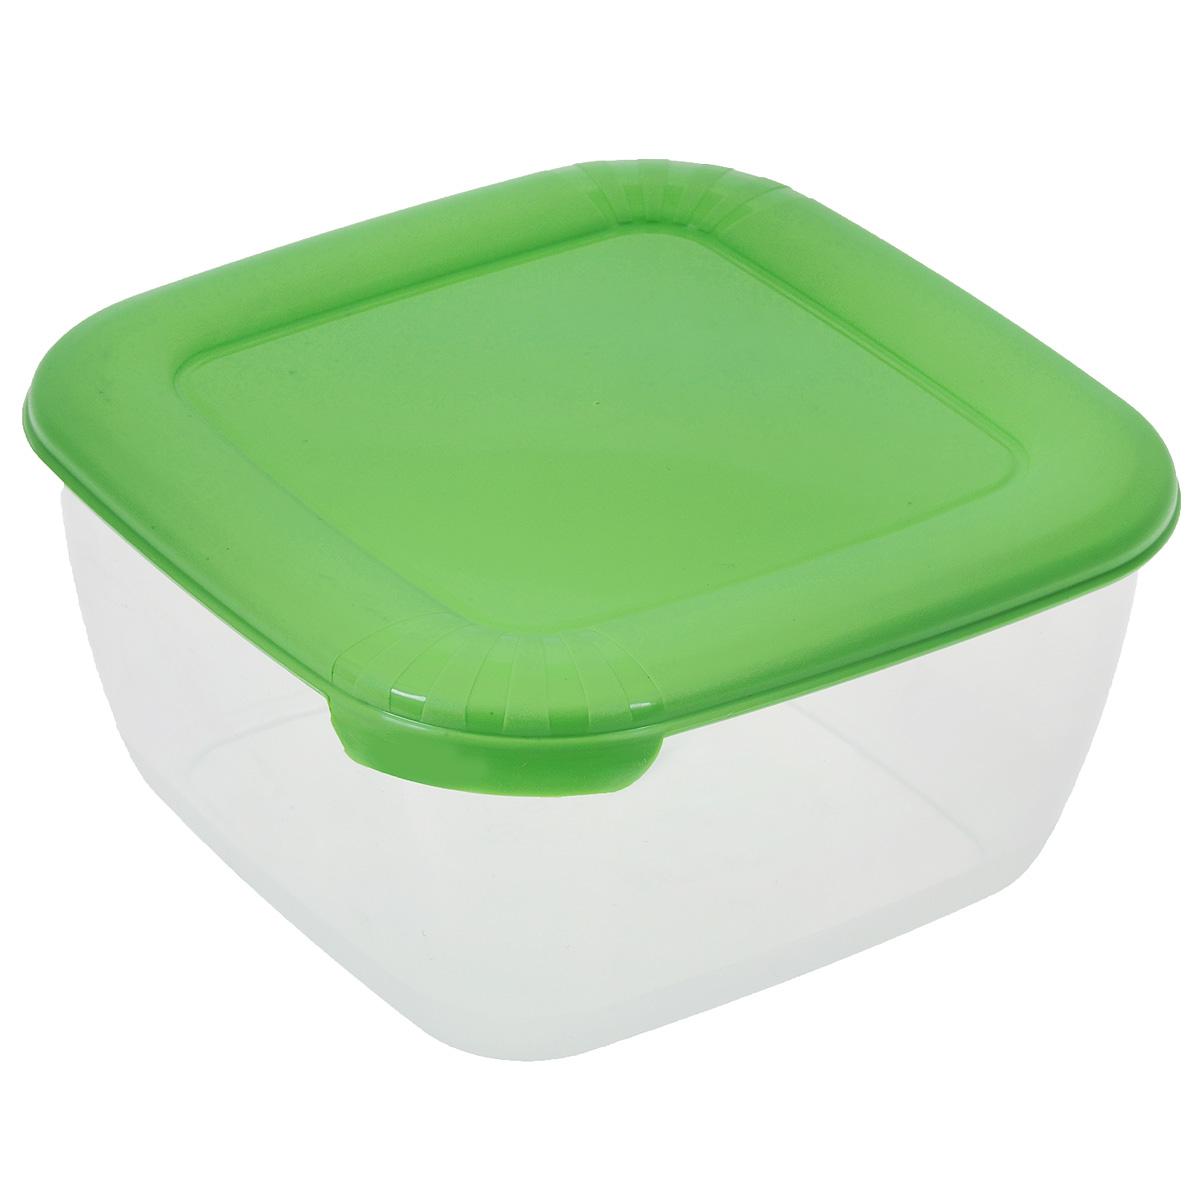 Контейнер для СВЧ Полимербыт Лайт, цвет: прозрачный, зеленый, 950 мл контейнер полимербыт лайт цвет голубой 3 л